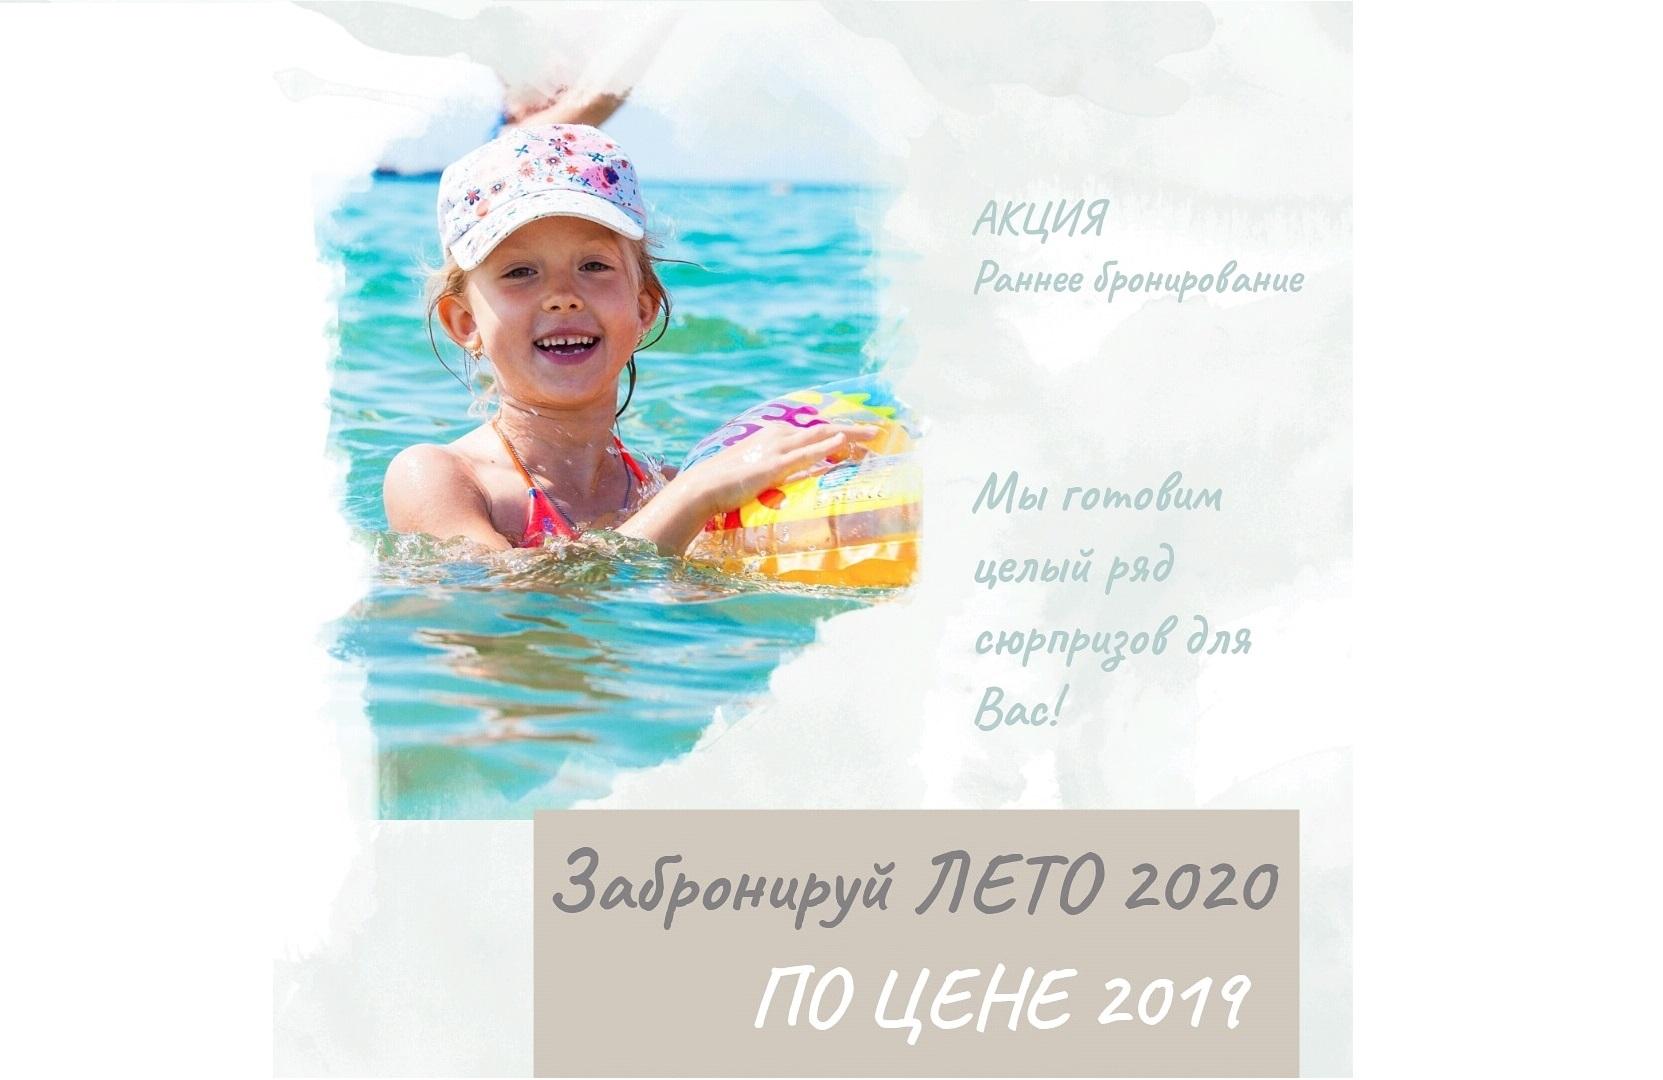 Забронируй ЛЕТО 2020 по цене 2019